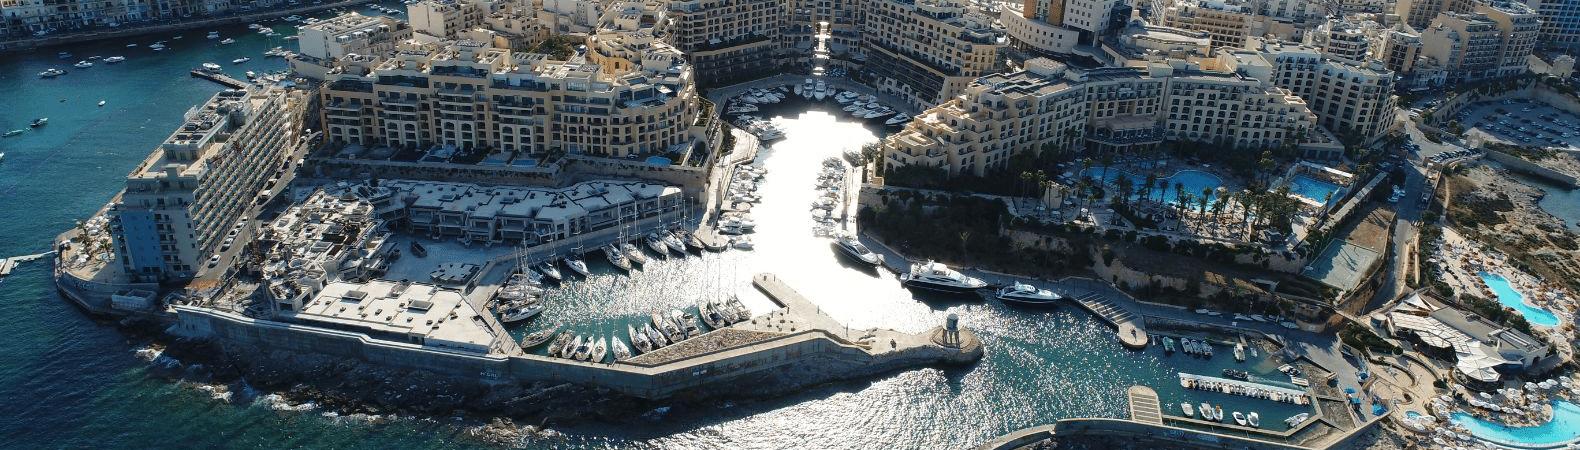 yacht marina malta